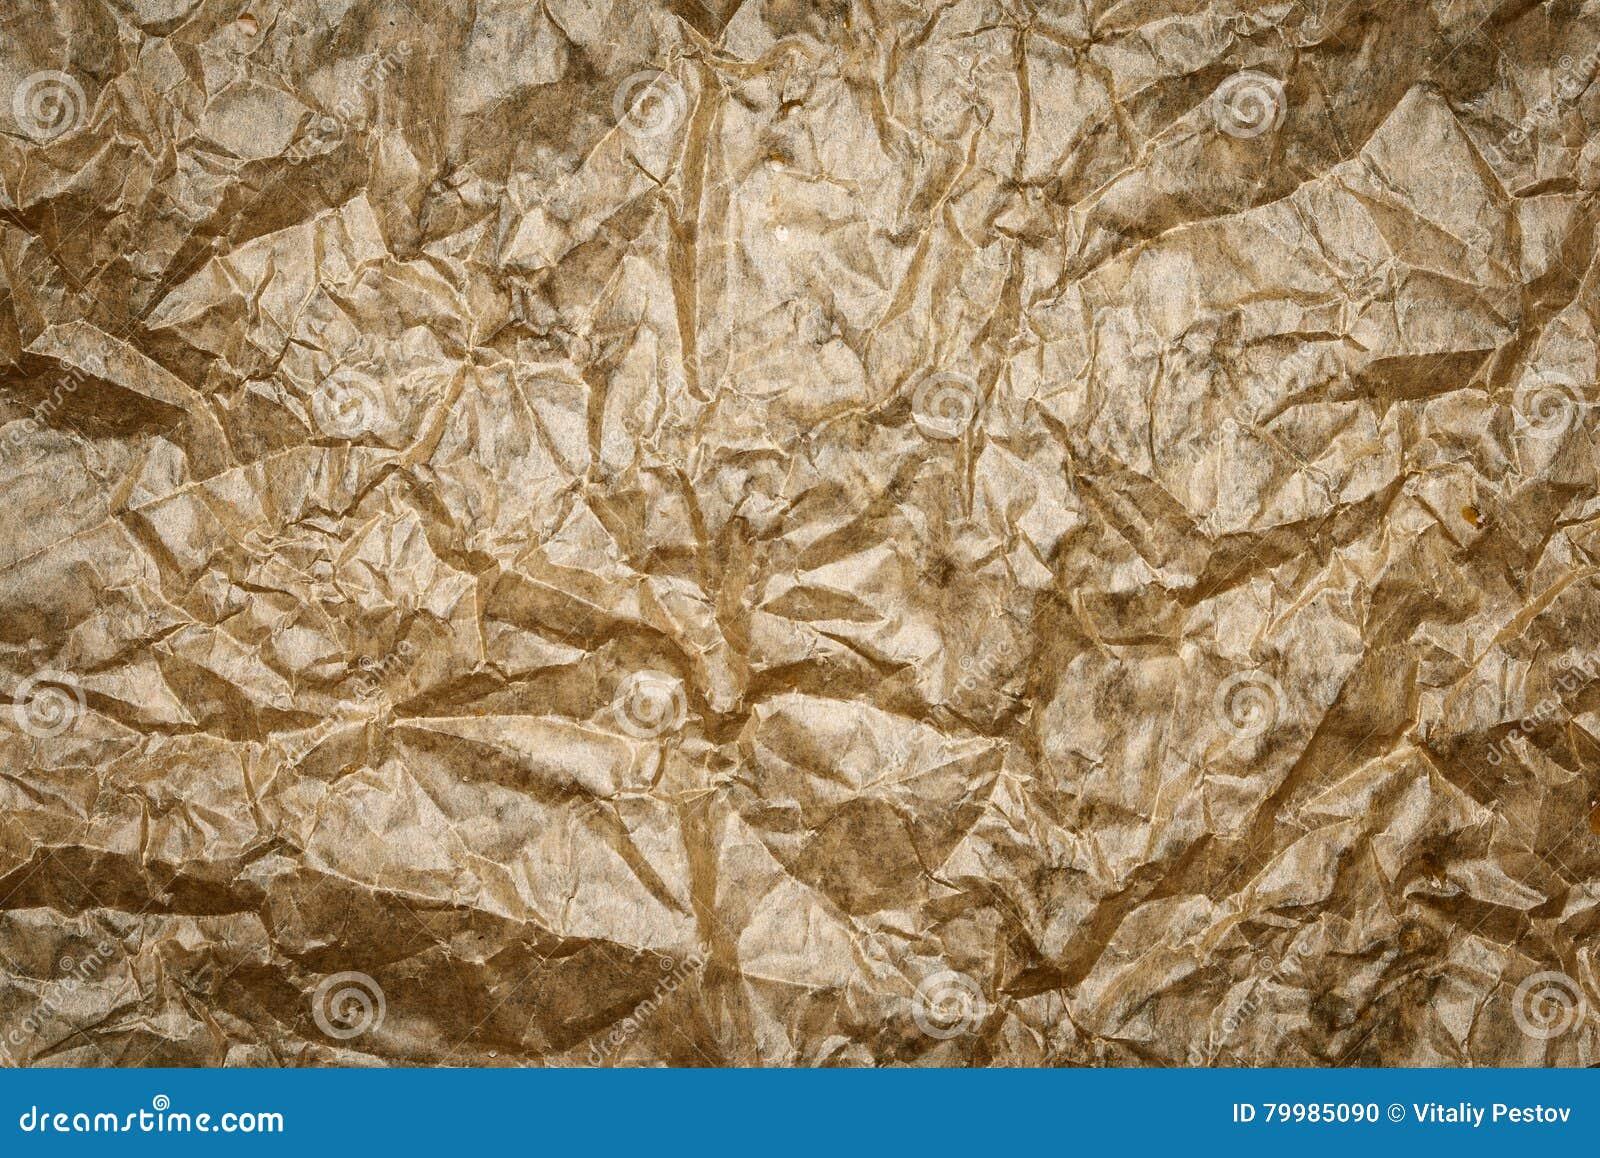 Старая скомканная текстура пергамента Бежевая бумажная предпосылка листа, морщинка, сгорела